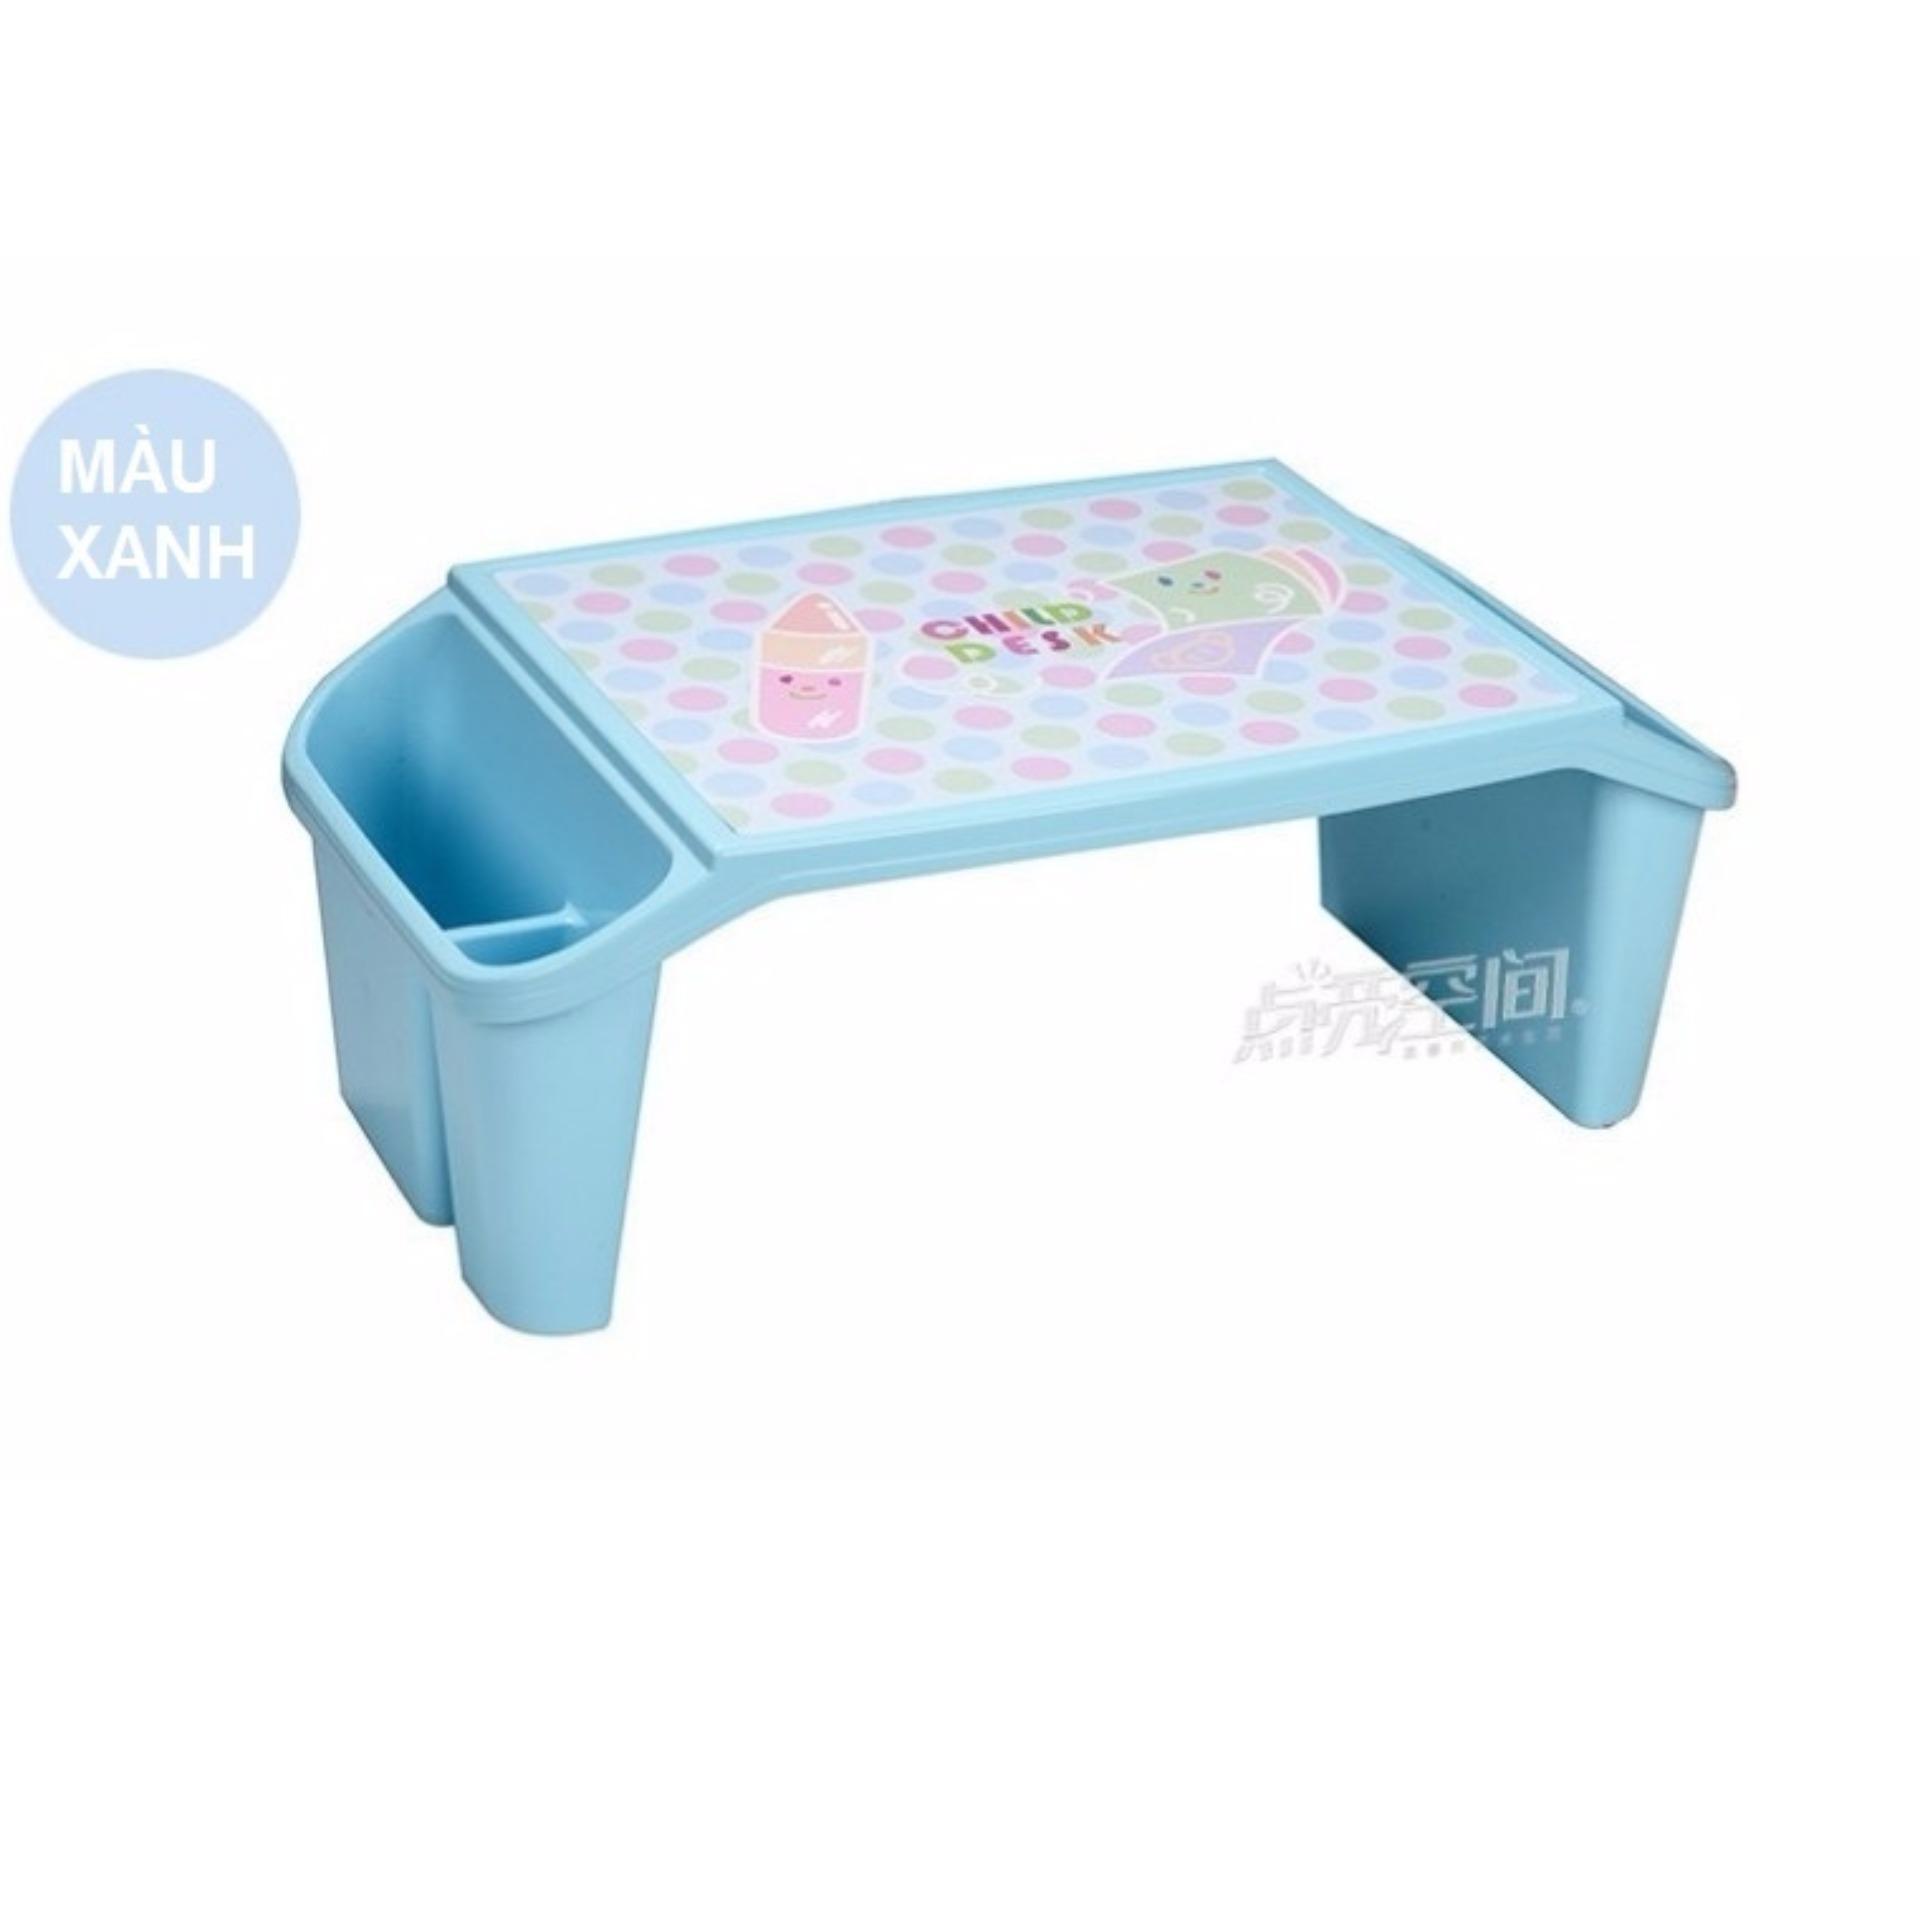 Bàn nhựa cho trẻ em màu xanh (Hàng Nhật Nội Địa)